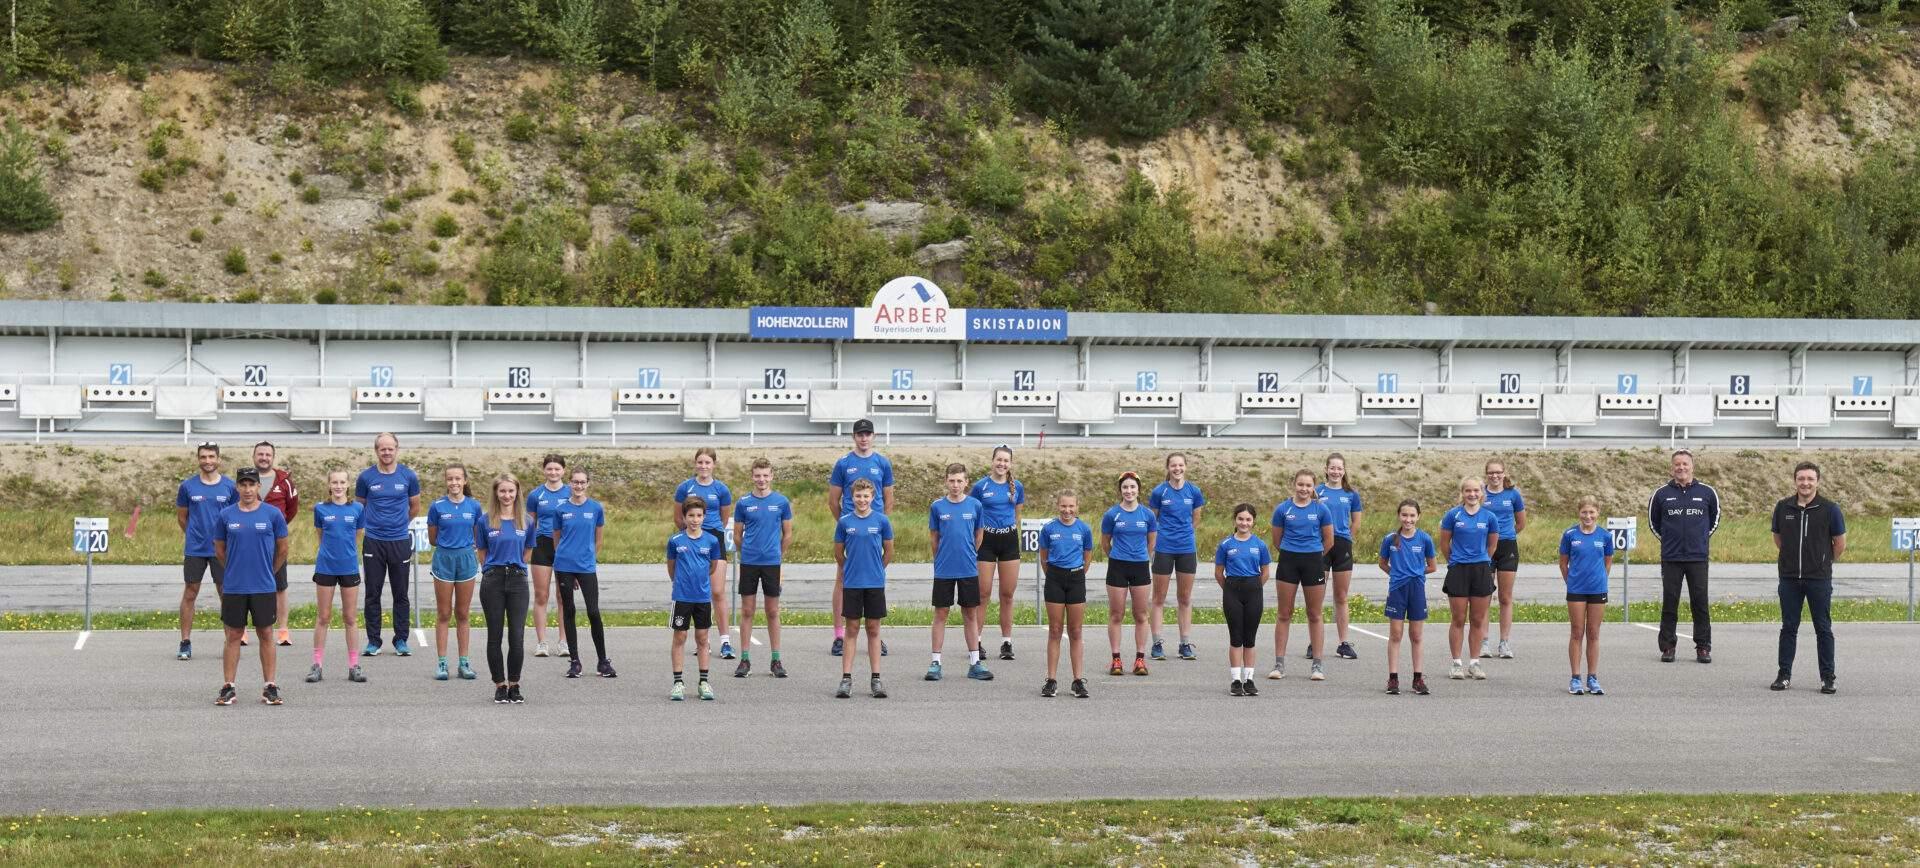 Unsere Langlauf Mannschaft